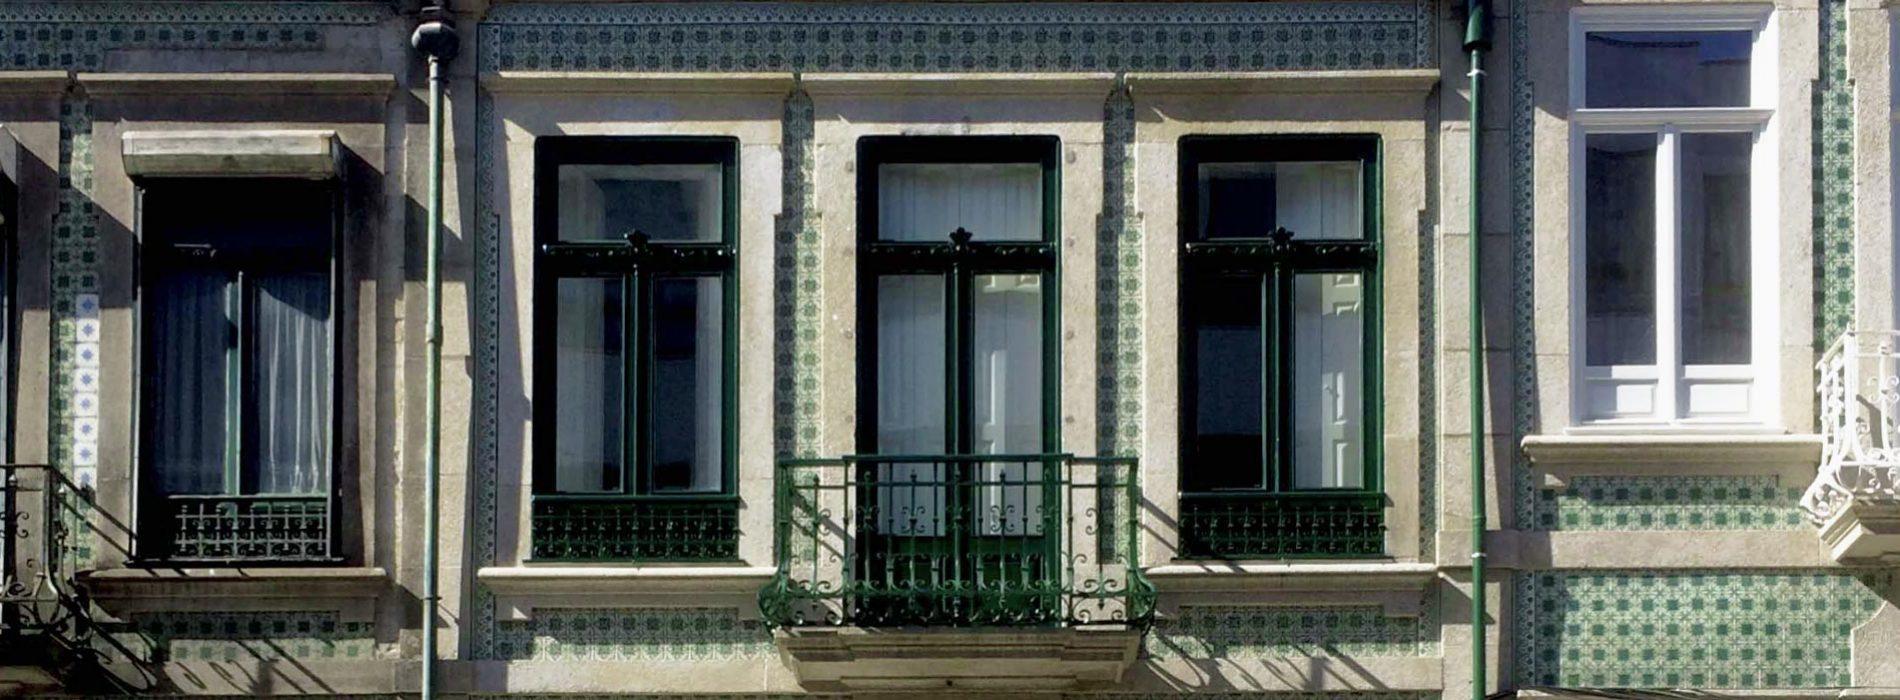 Apartamentos em Álvares Cabral - Detalhe da fachada do edifício